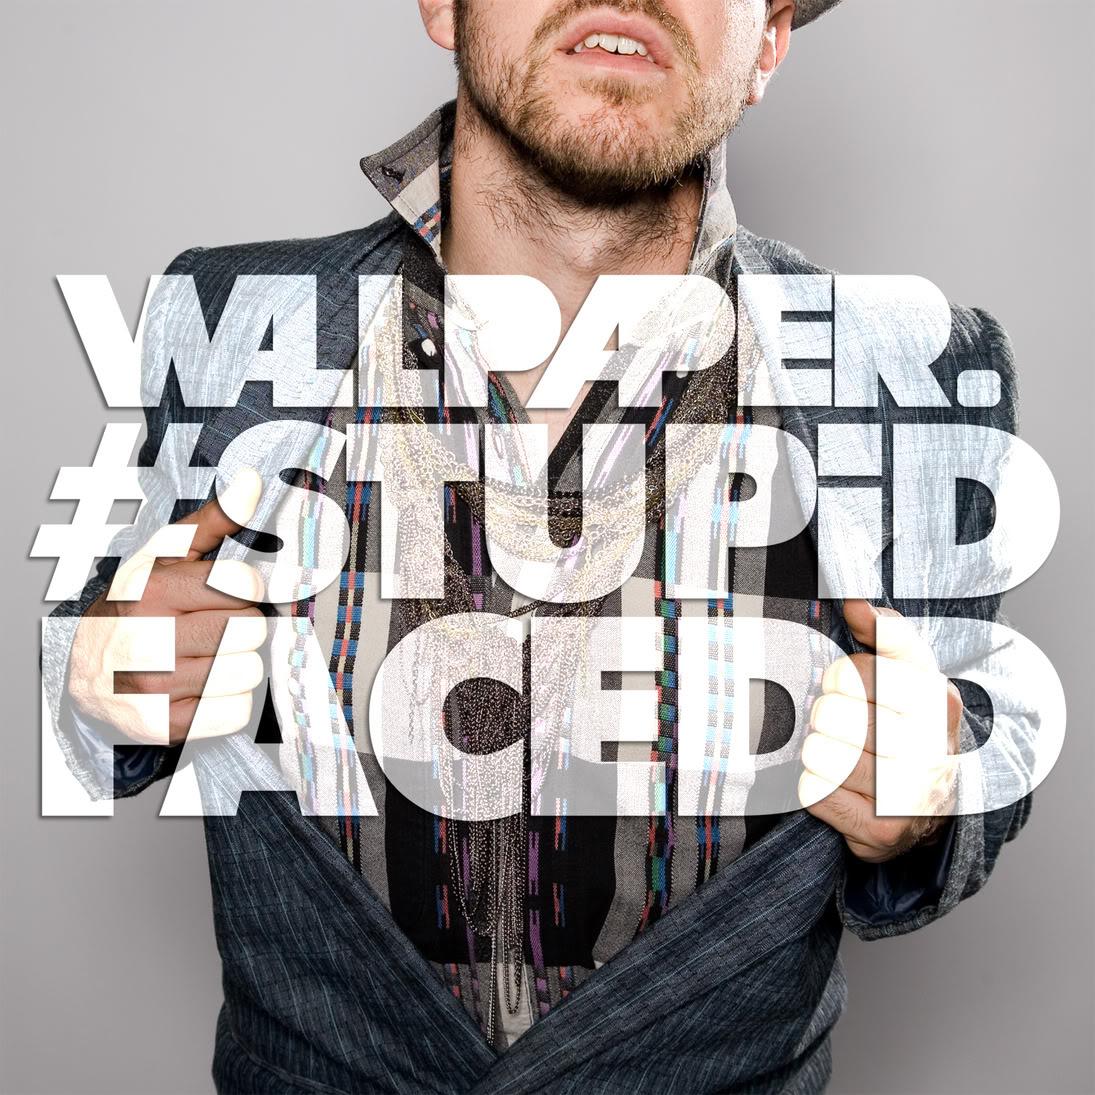 stupidfacedd ep zip